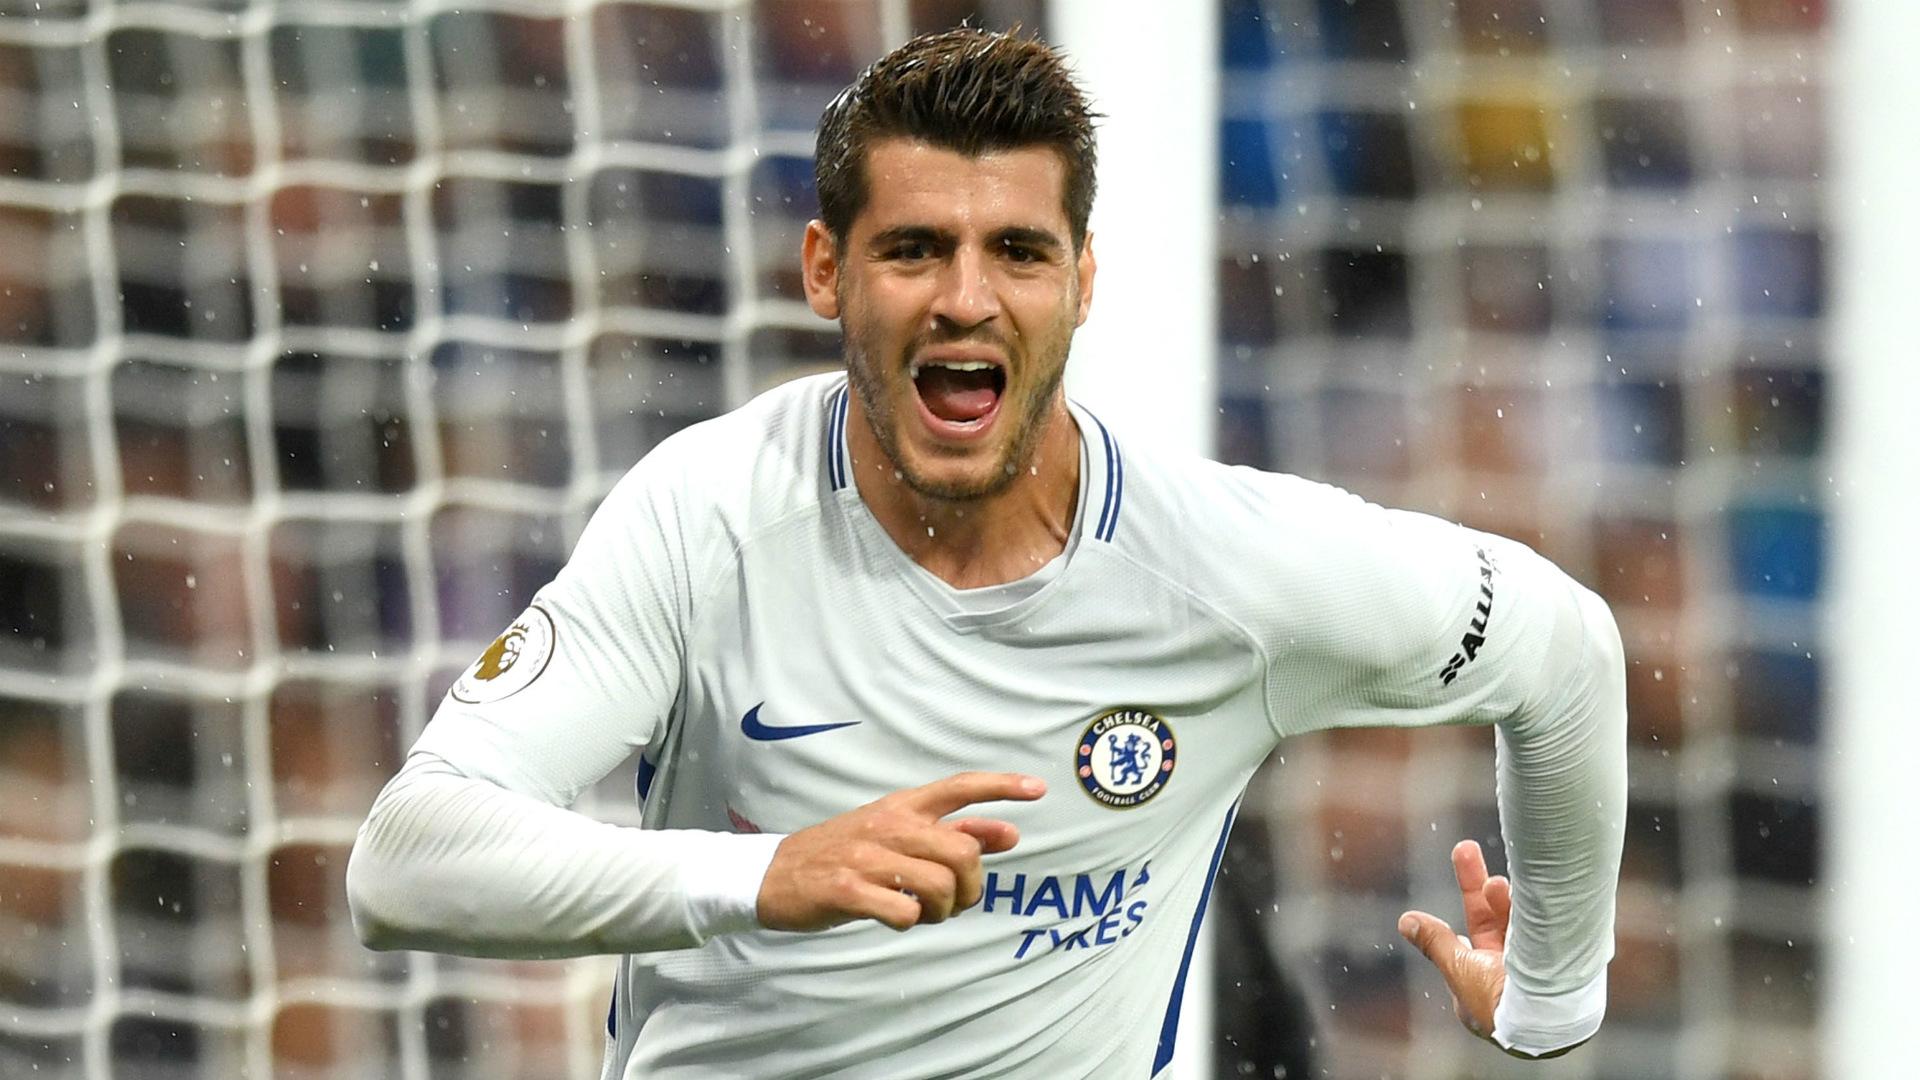 Chelsea le pide a sus hinchas que cambien canción sobre Álvaro Morata